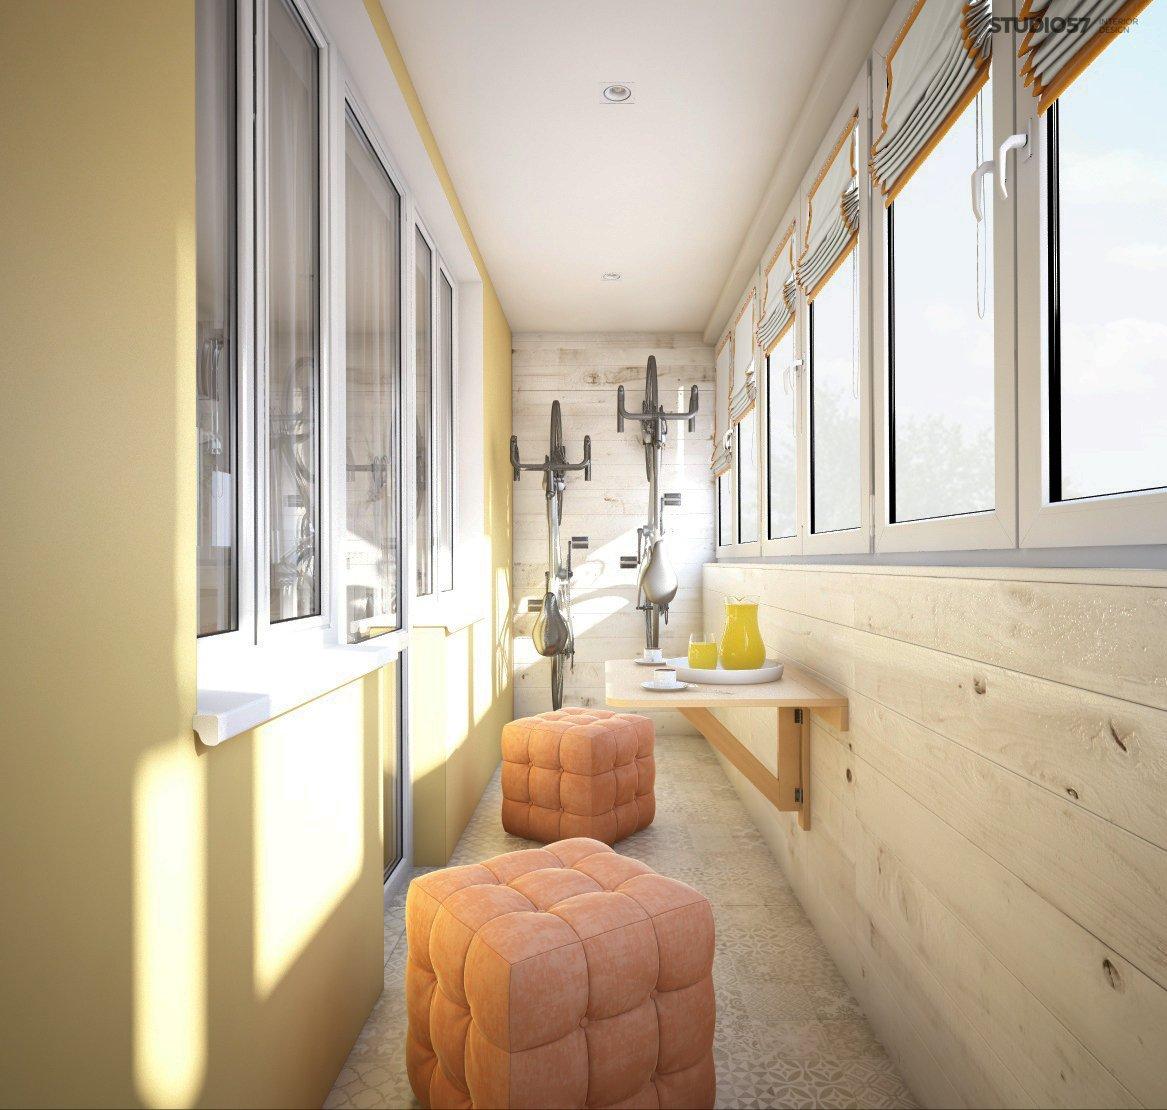 Photo of the balcony design